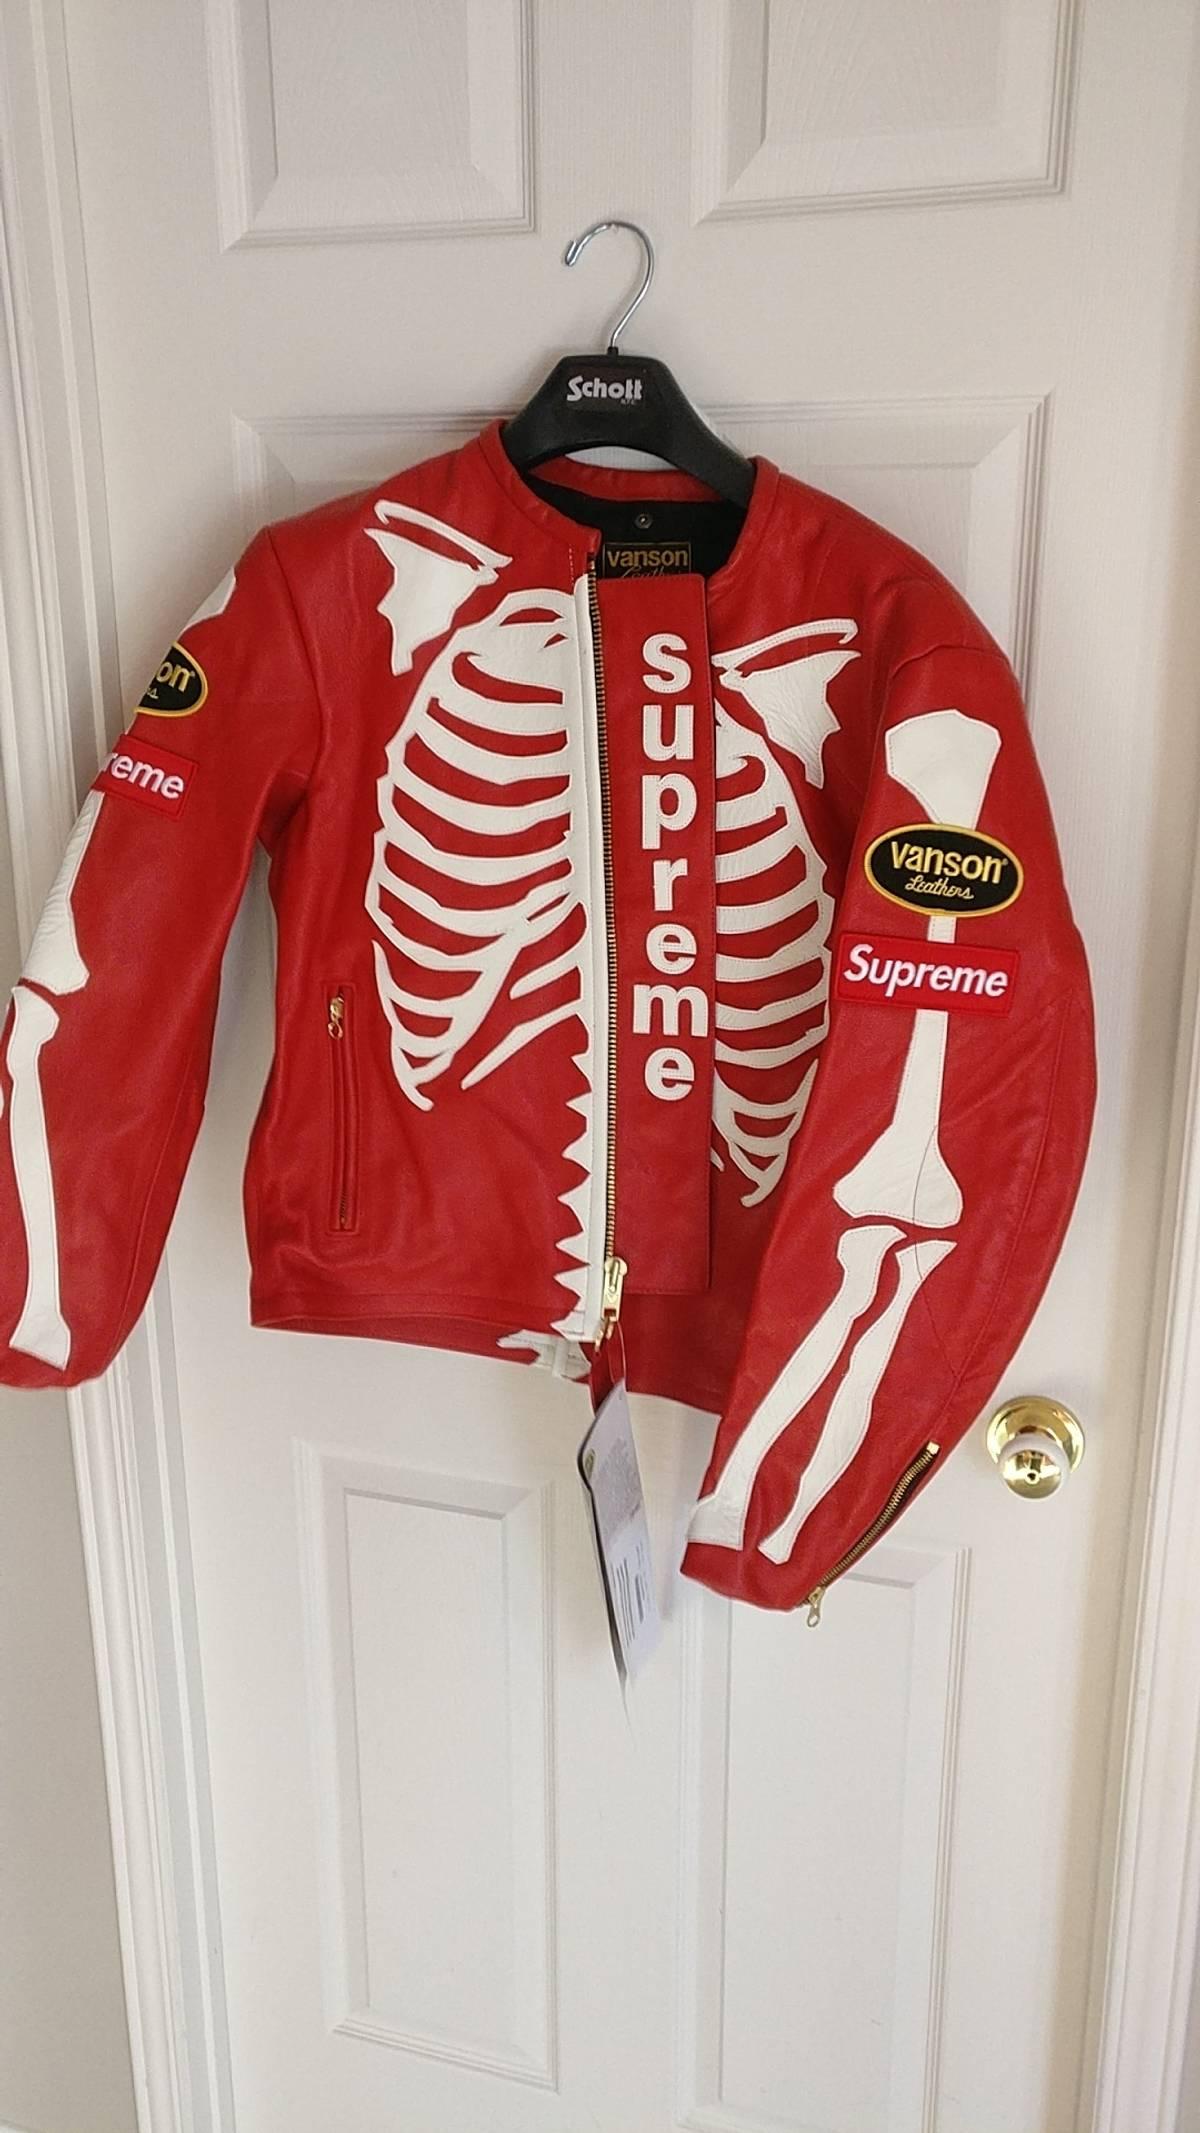 6d018c948 Supreme Supreme®/Vanson® Leather Bones Jacket Size M $1620